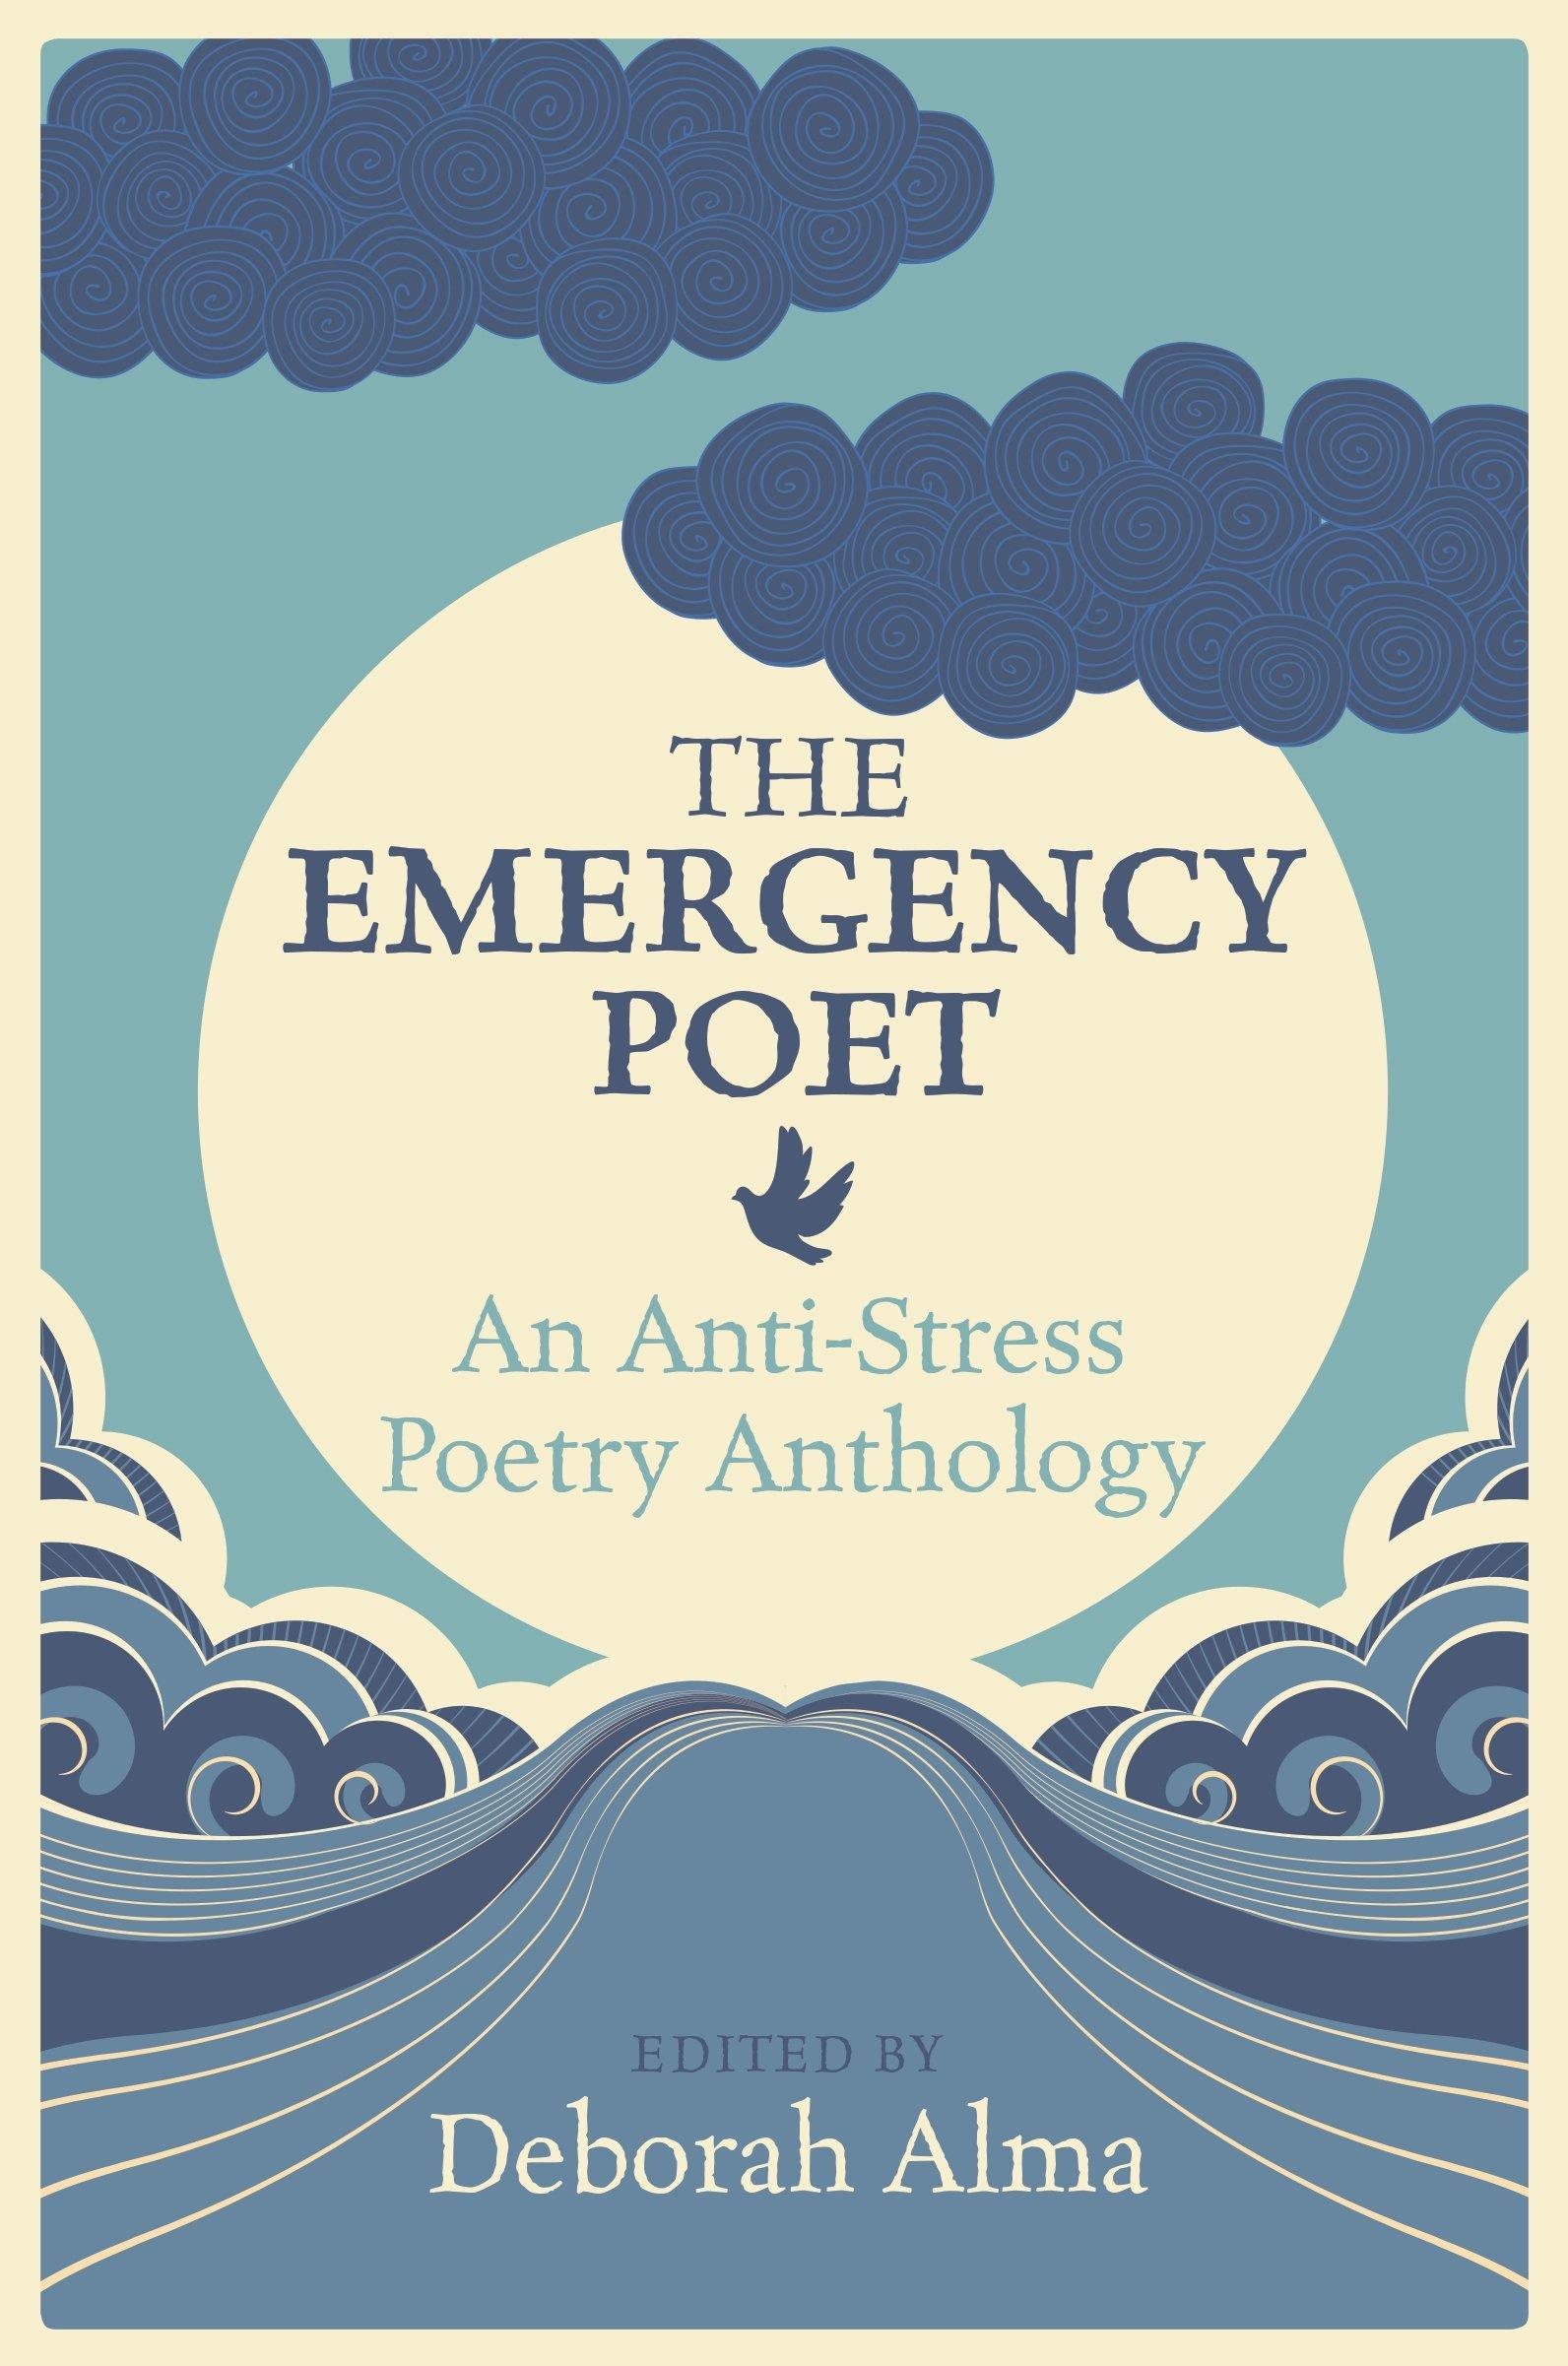 The Emergency Poet.jpg